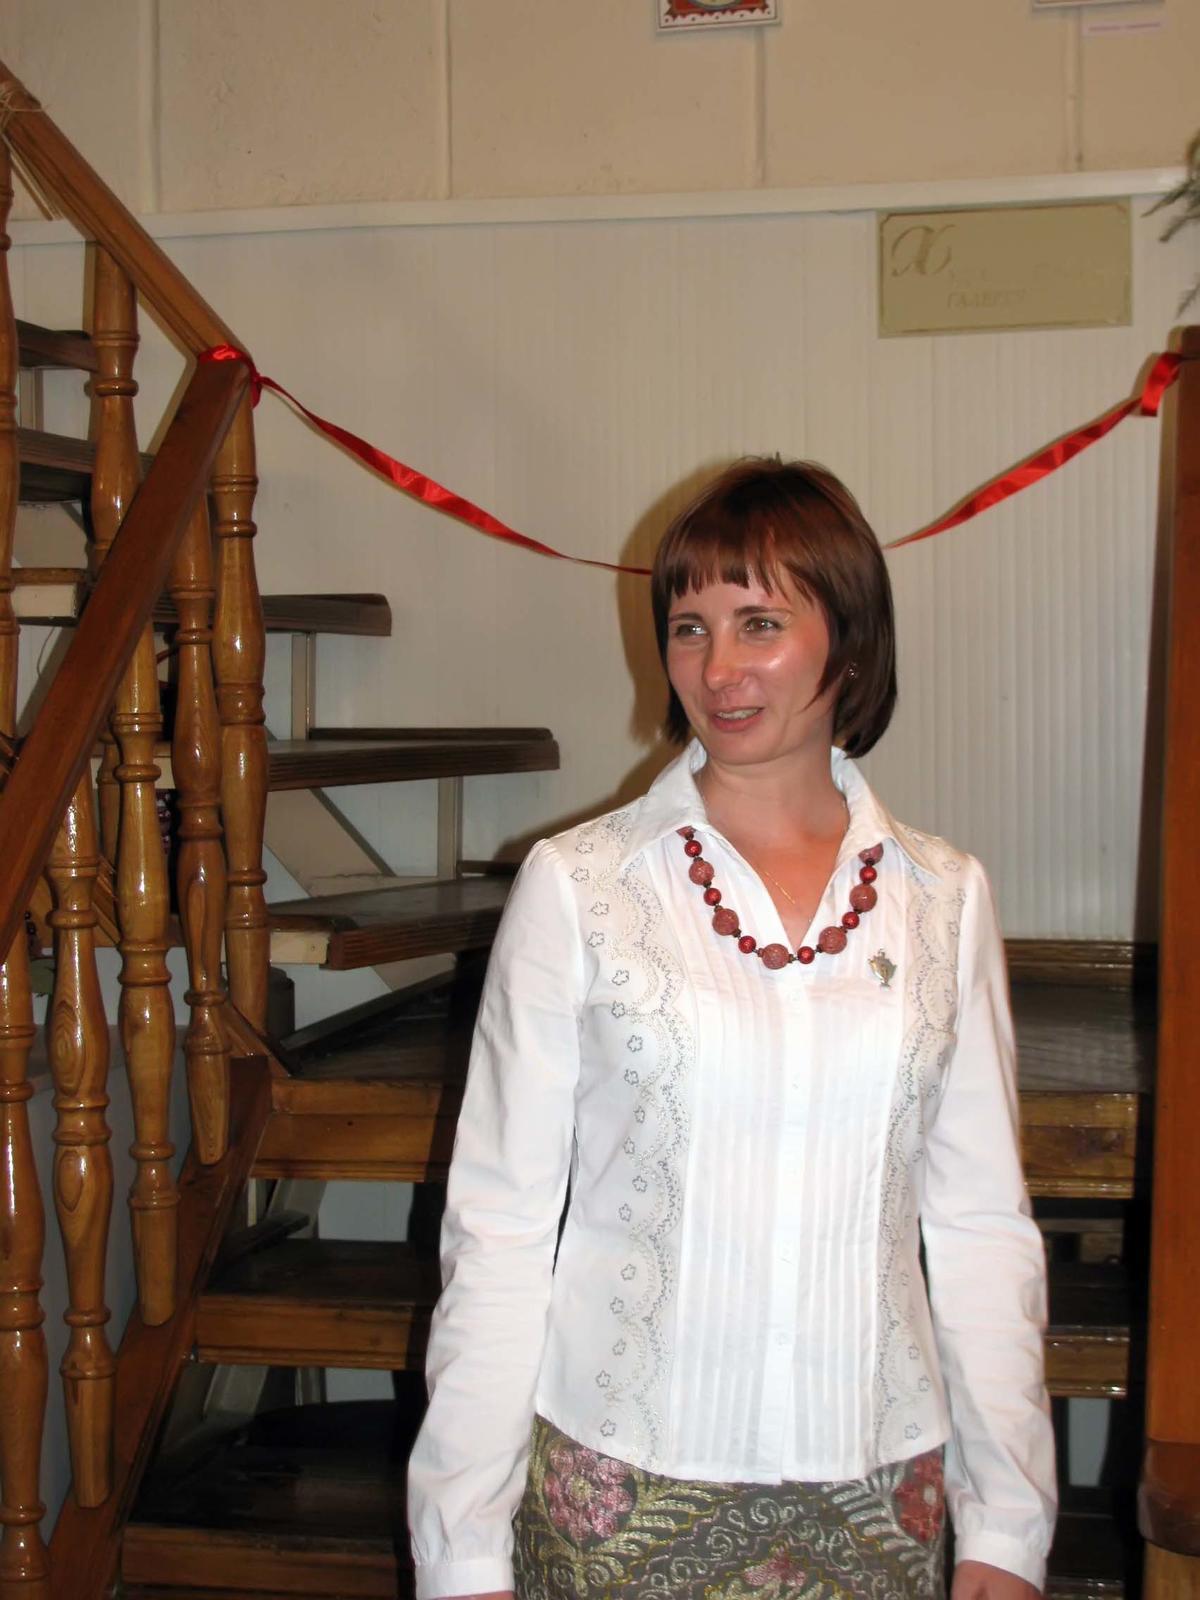 Фото №33872. Елена Титова перед торжественным открытием выставки